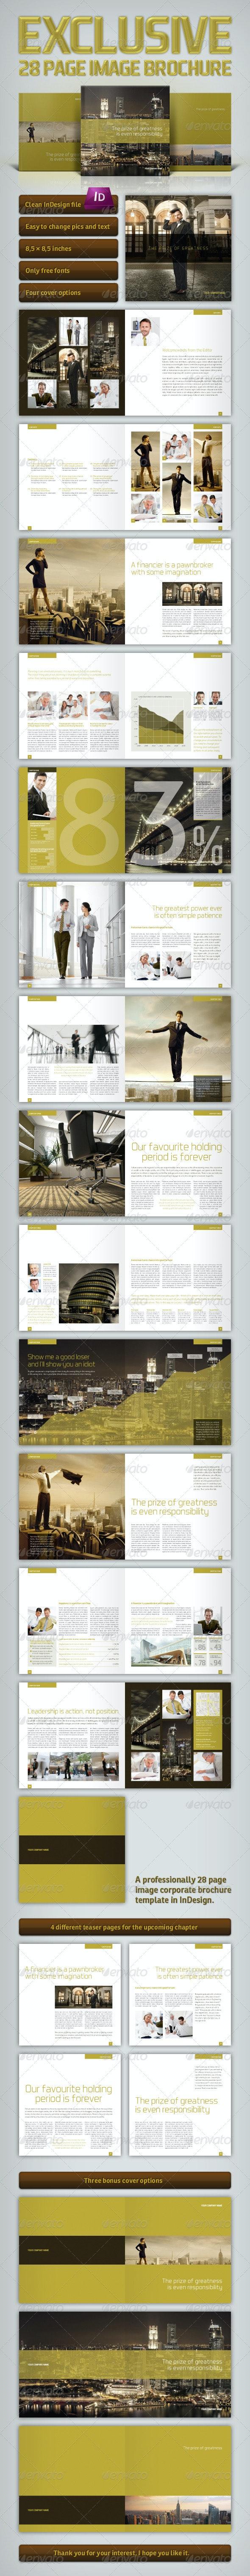 Exclusive Brochure - Corporate Brochures